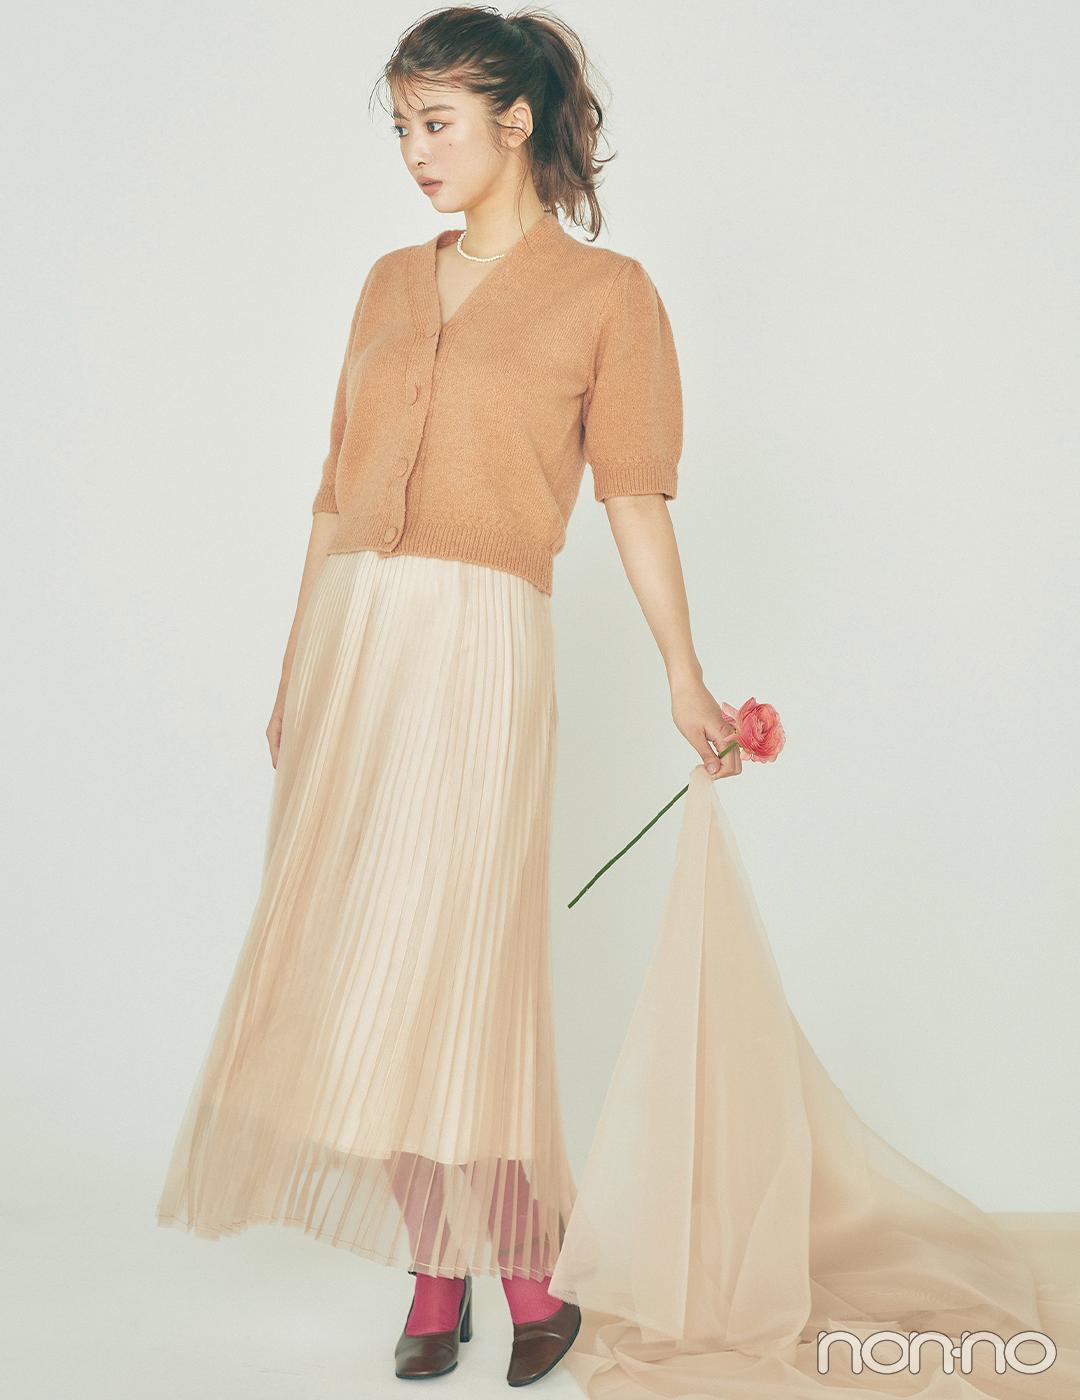 馬場ふみかはふわっと透けるスカートでほんのり色っぽく【毎日コーデ】